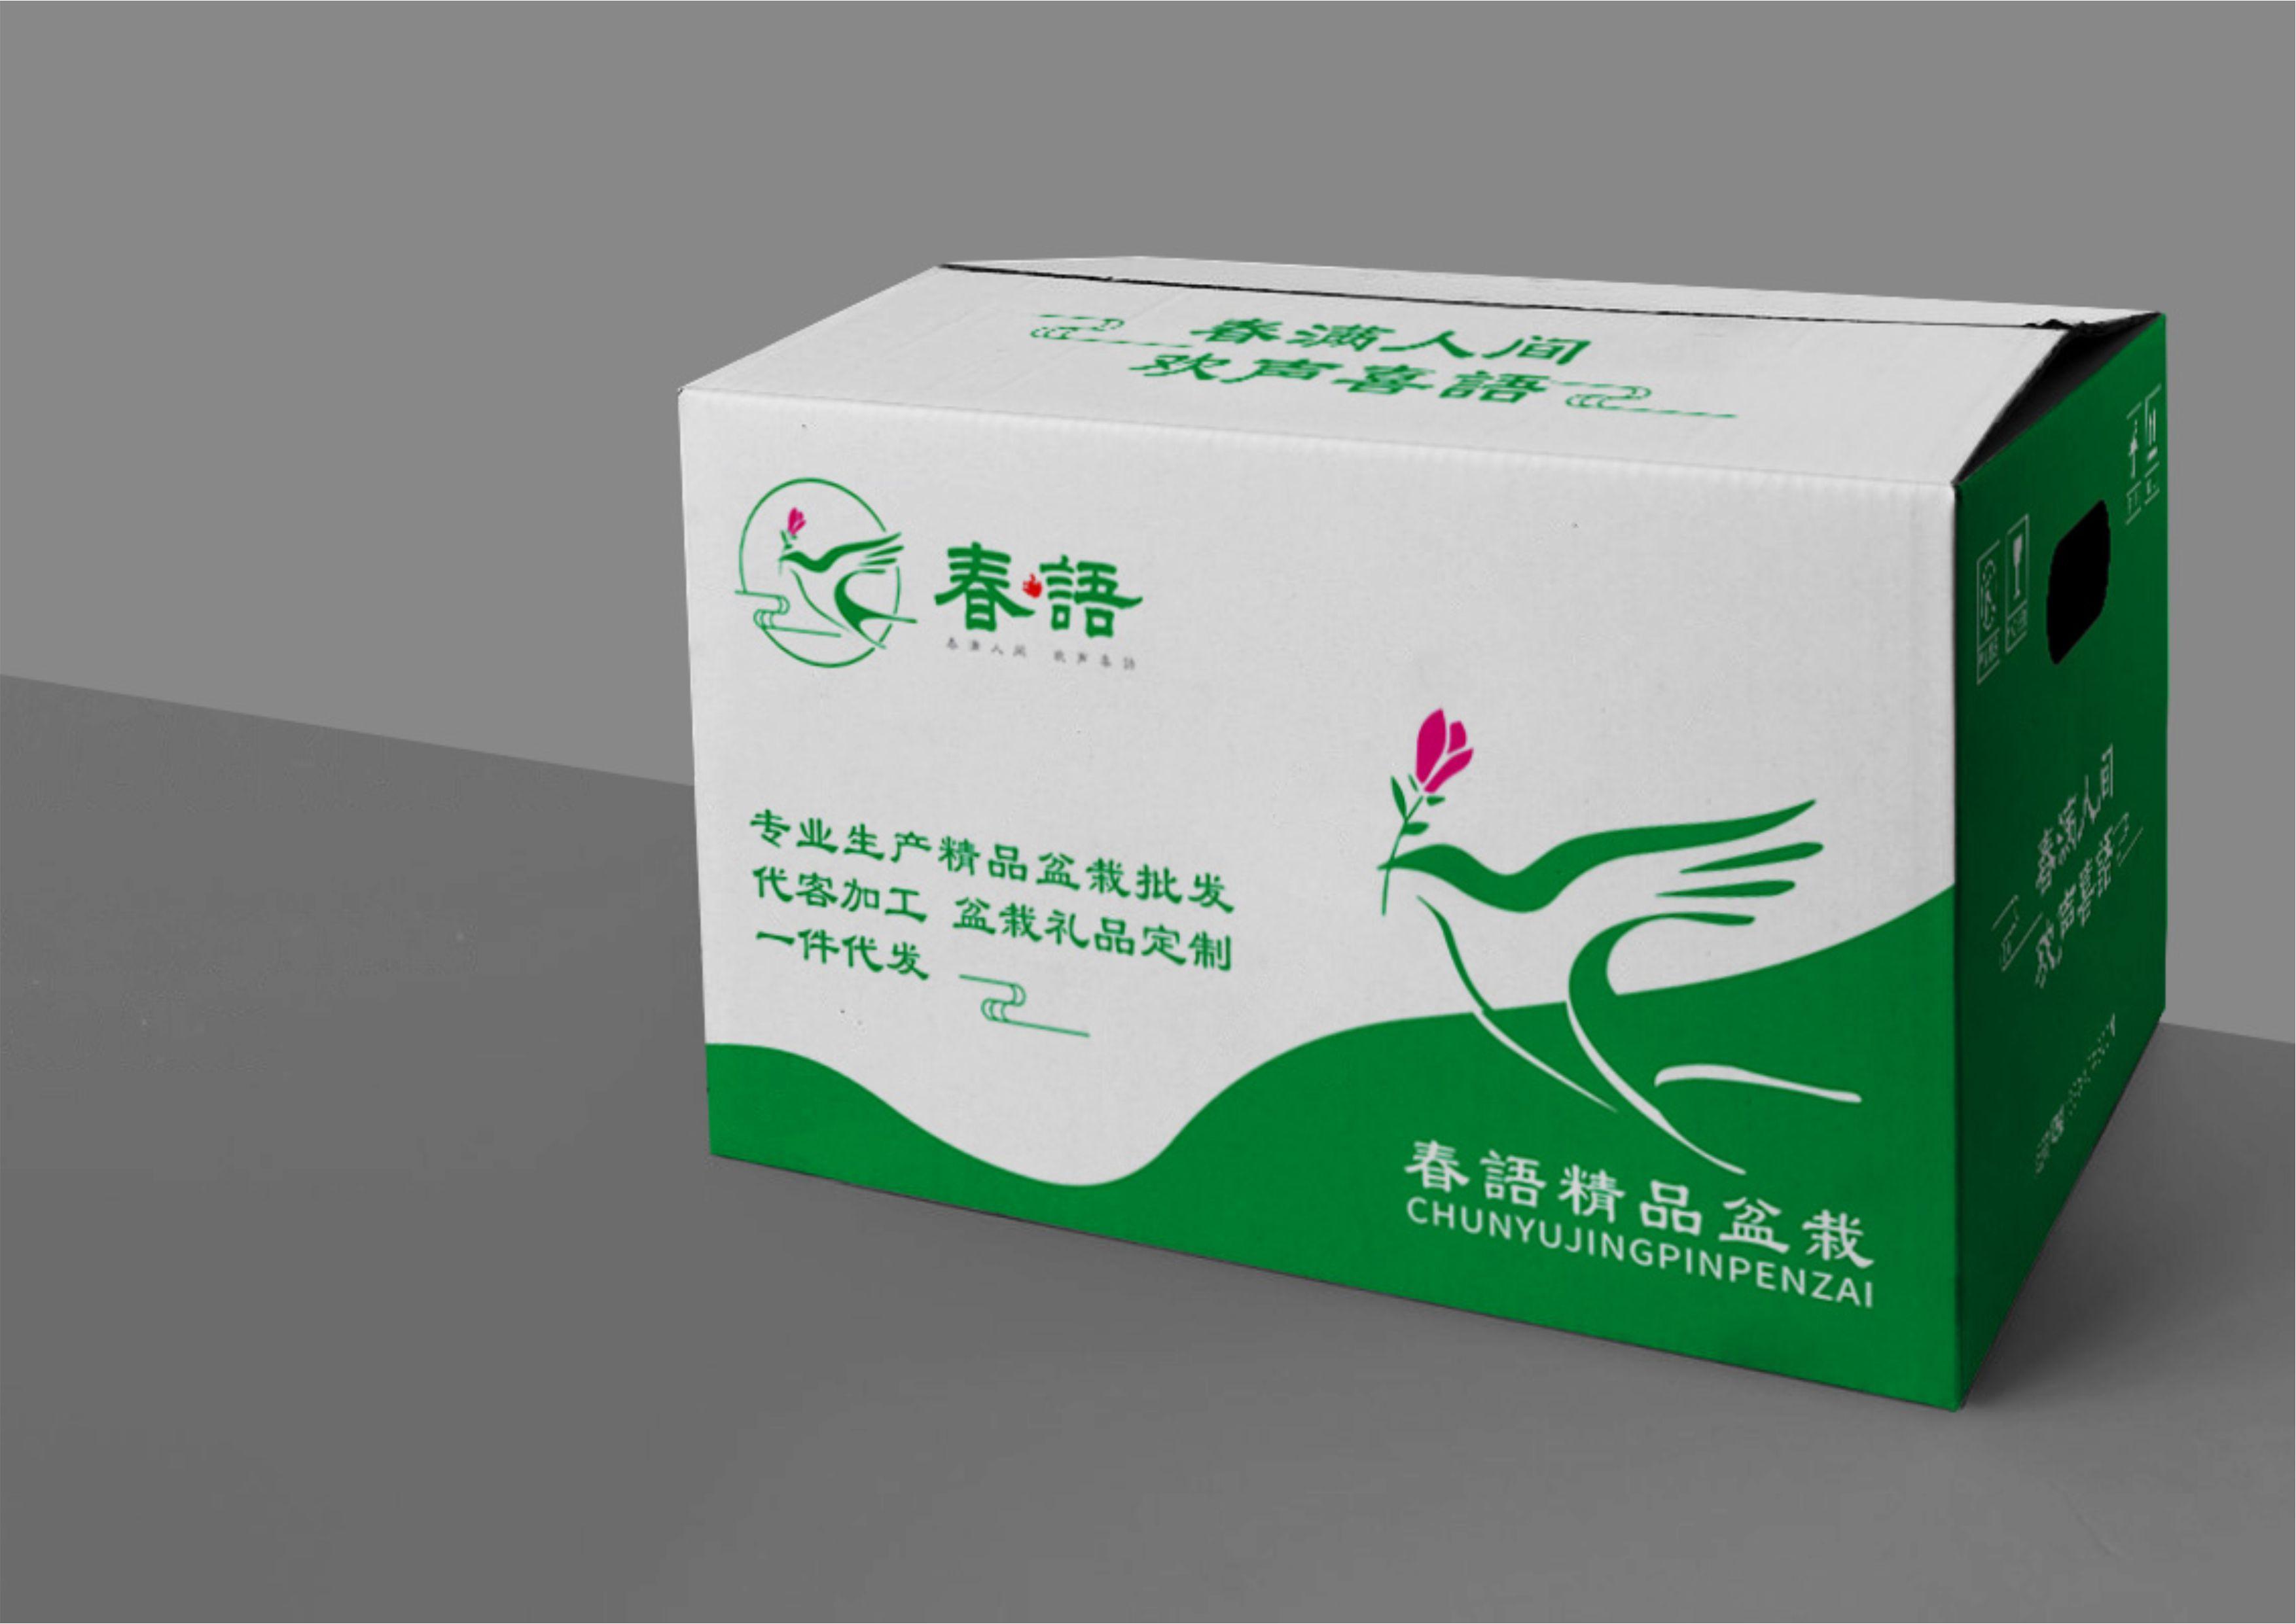 纸箱包装排版设计_3034793_k68威客网